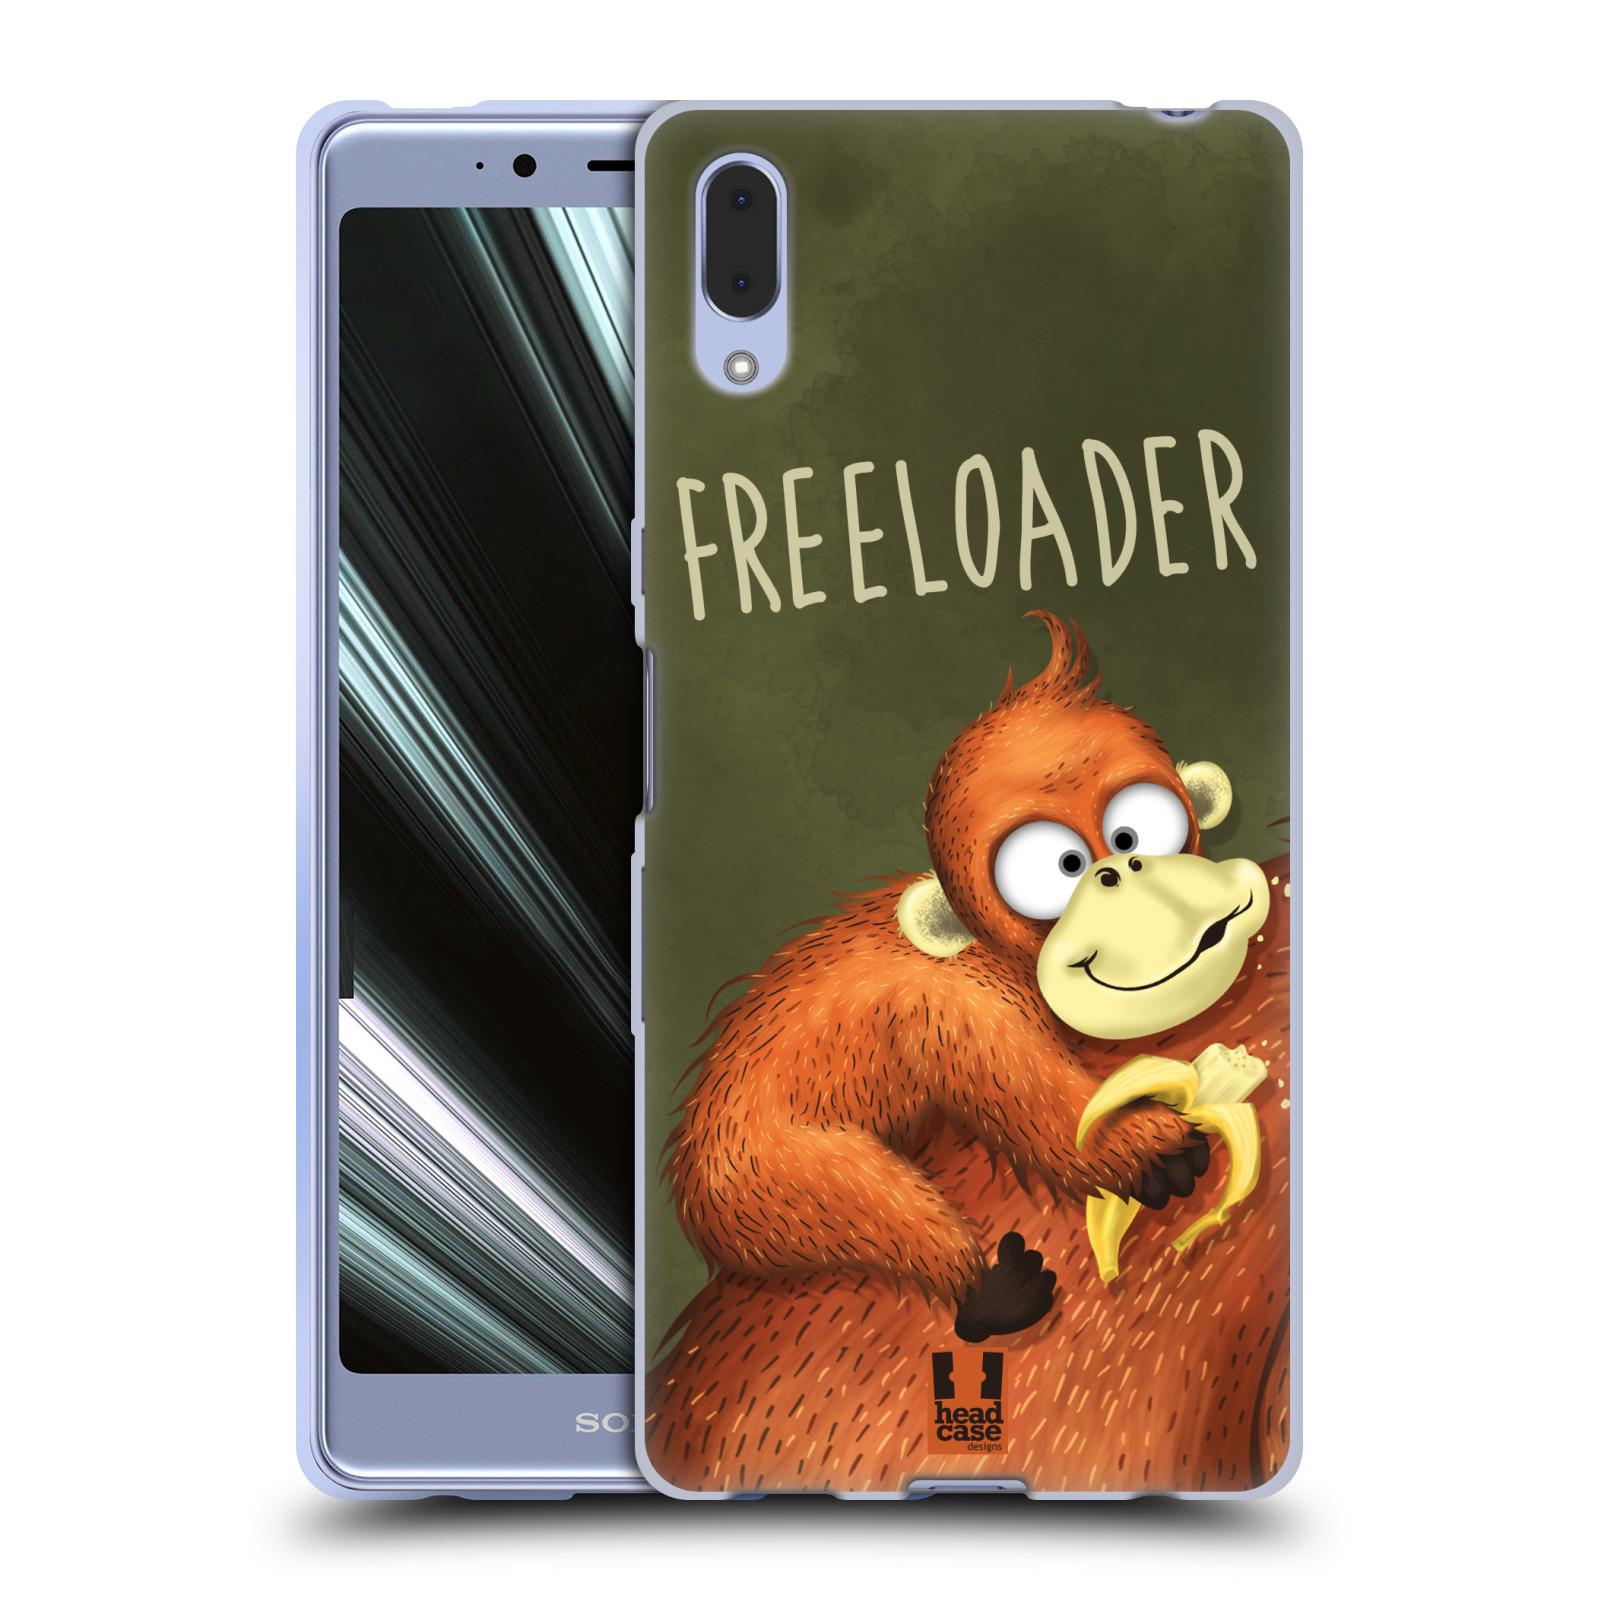 Silikonové pouzdro na mobil Sony Xperia L3 - Head Case - Opičák Freeloader